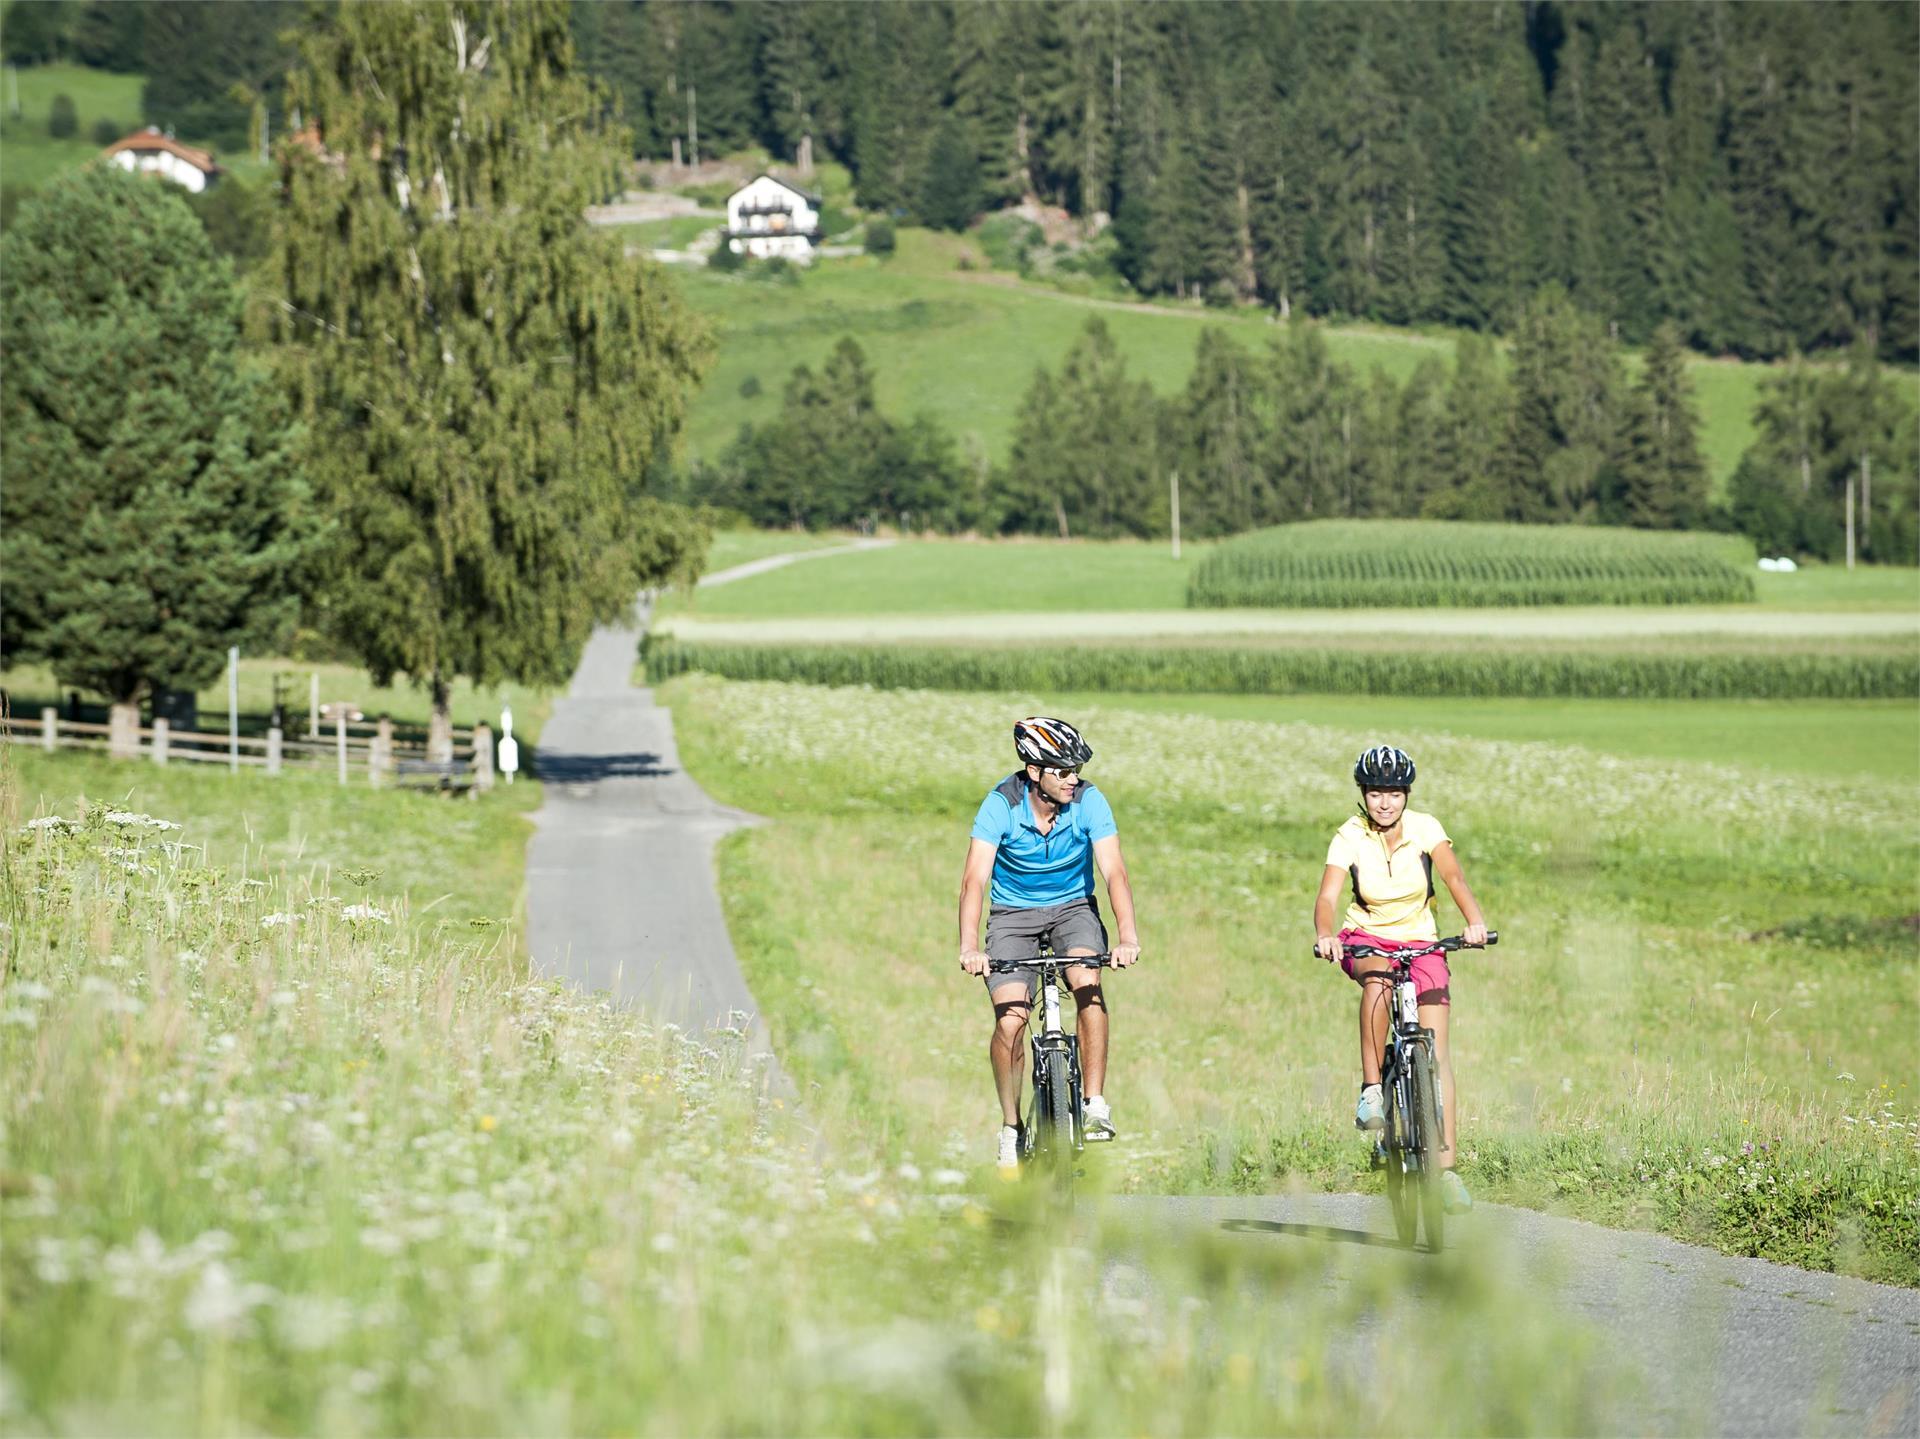 Pustertal Valley bikeway Valdaora/Olang